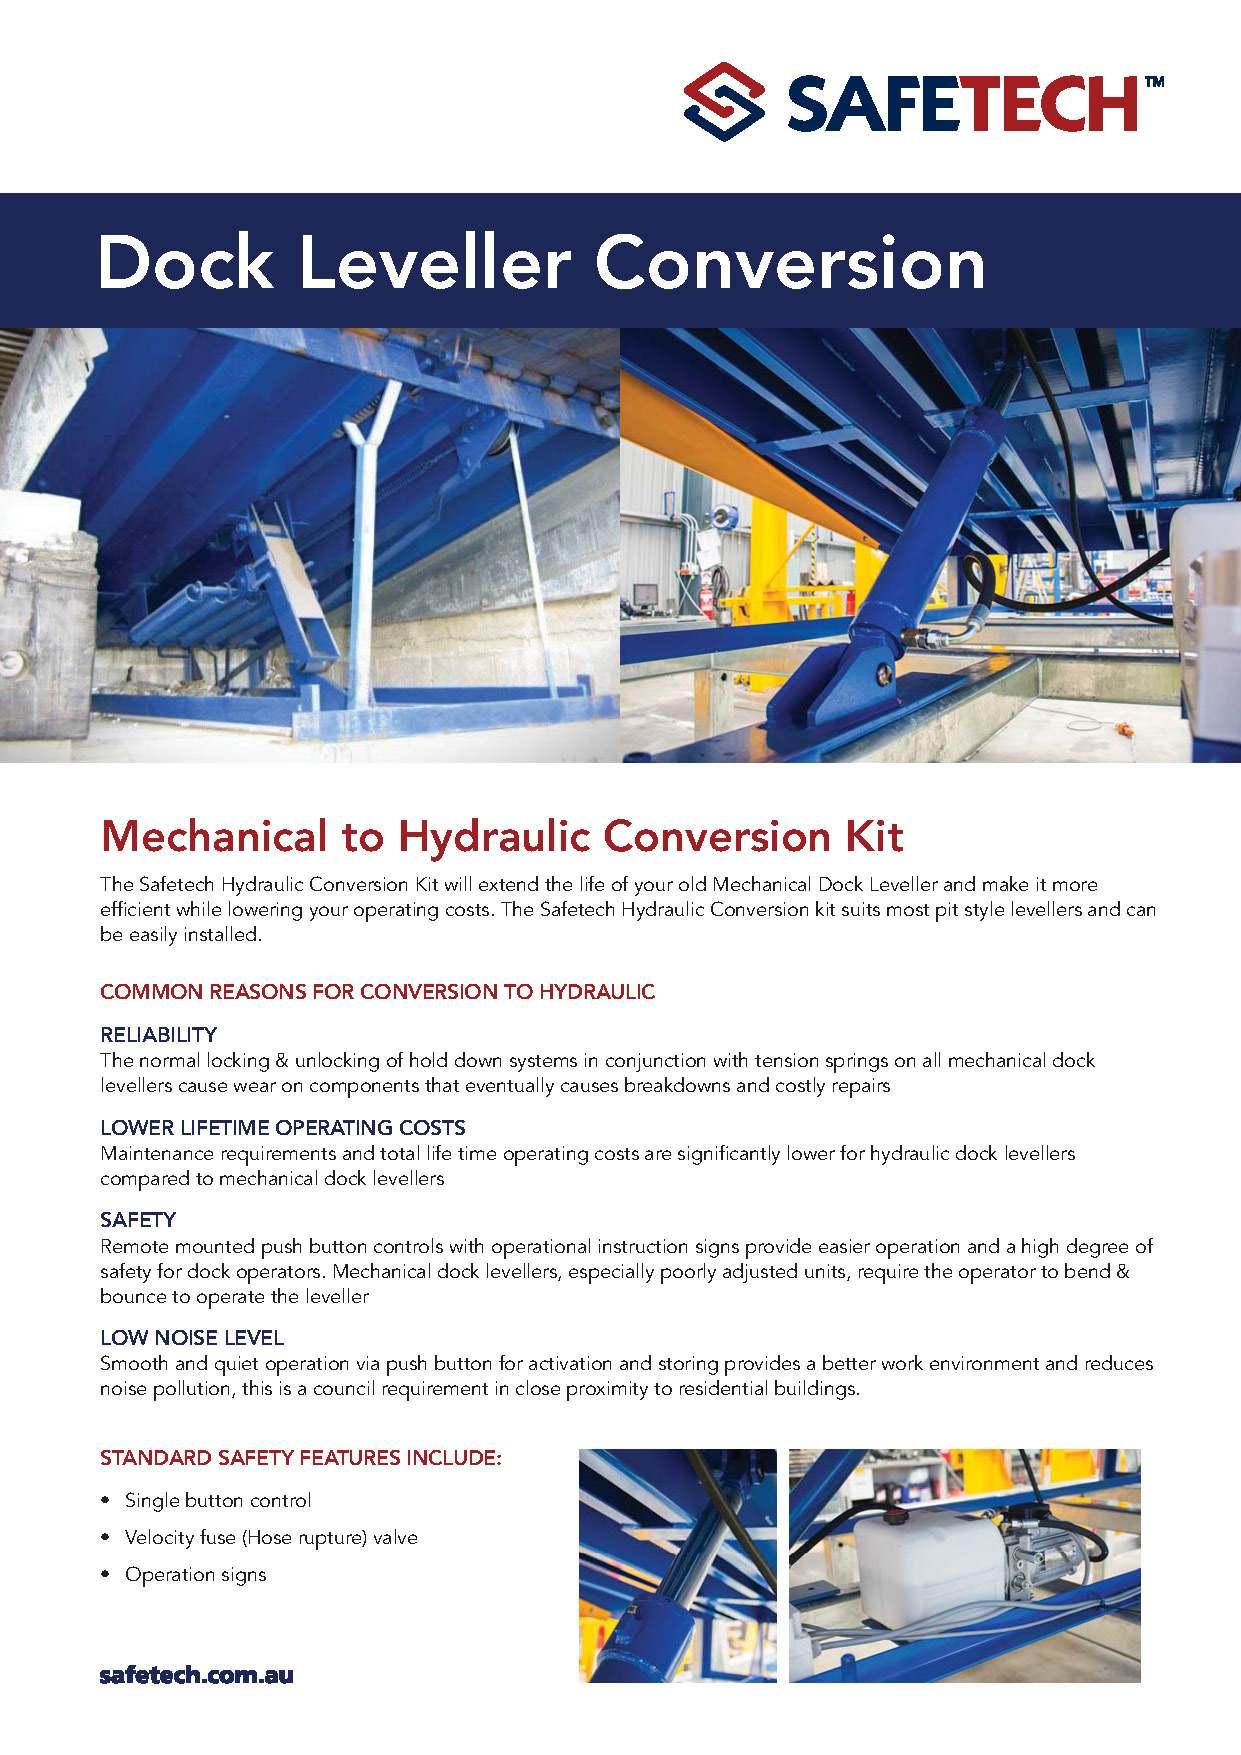 Safetech-DockLevellerConversionKit-A4_V1_Page_1